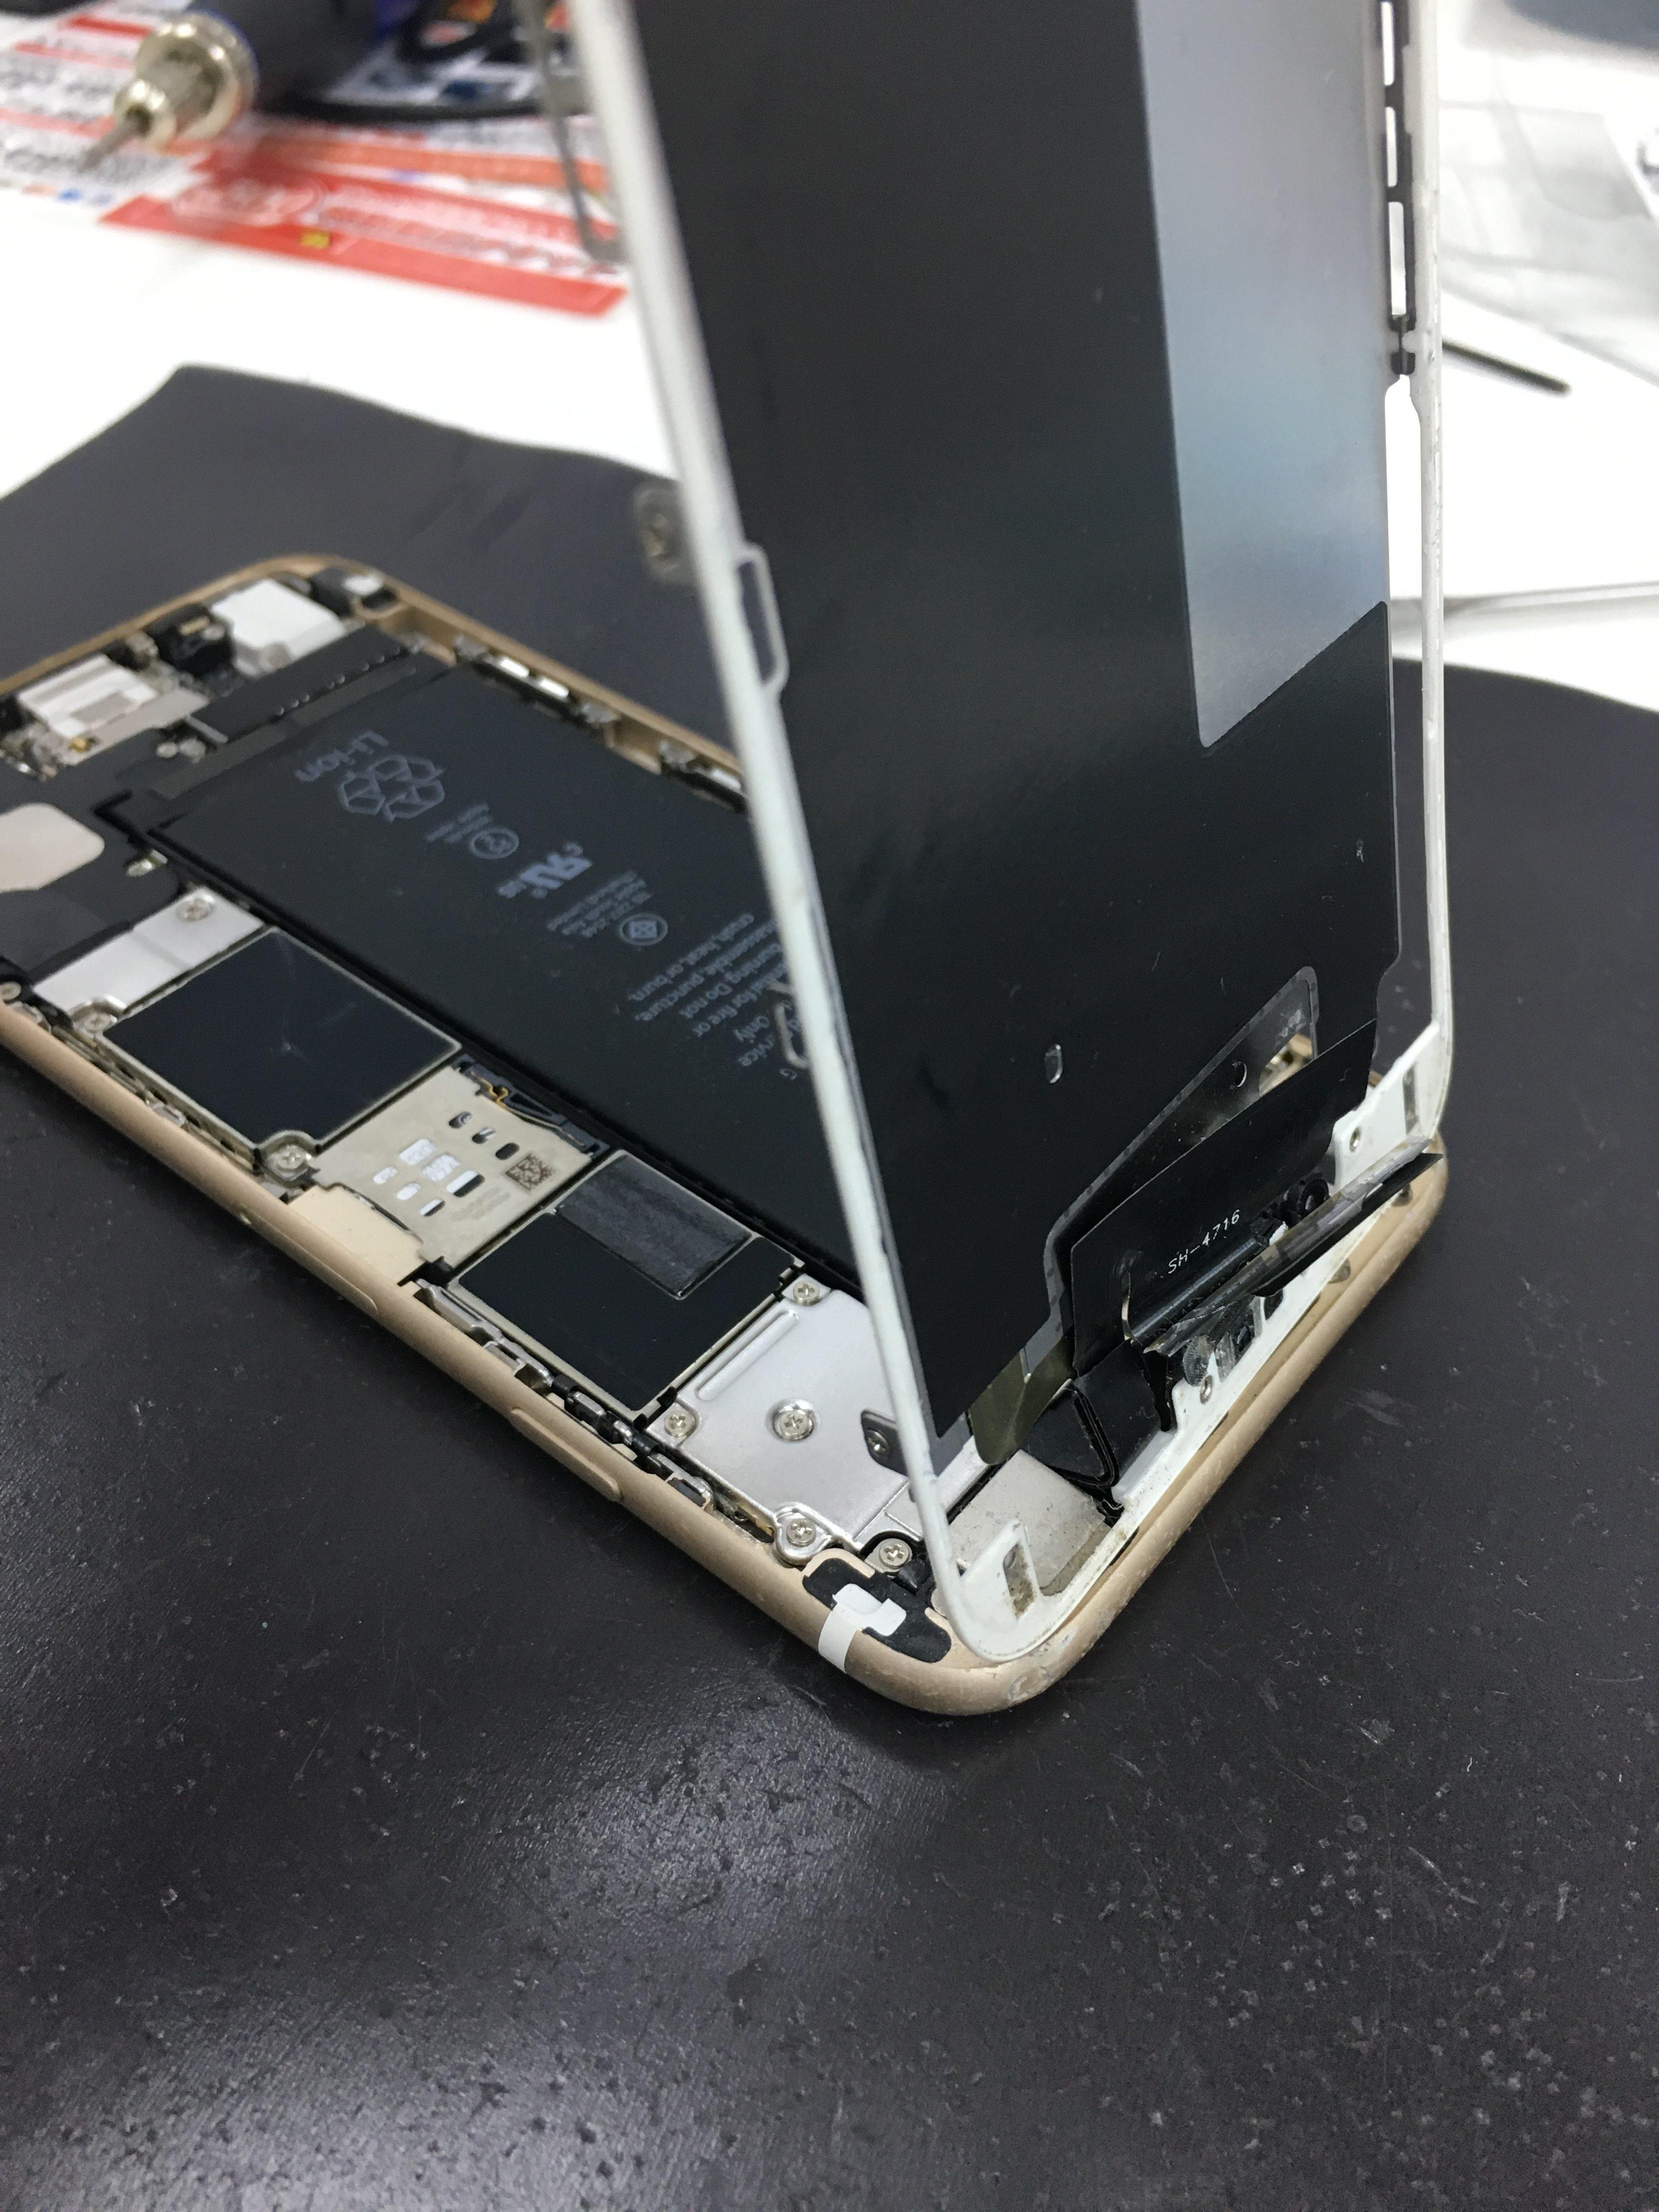 iPhone6パネルに液晶が無い